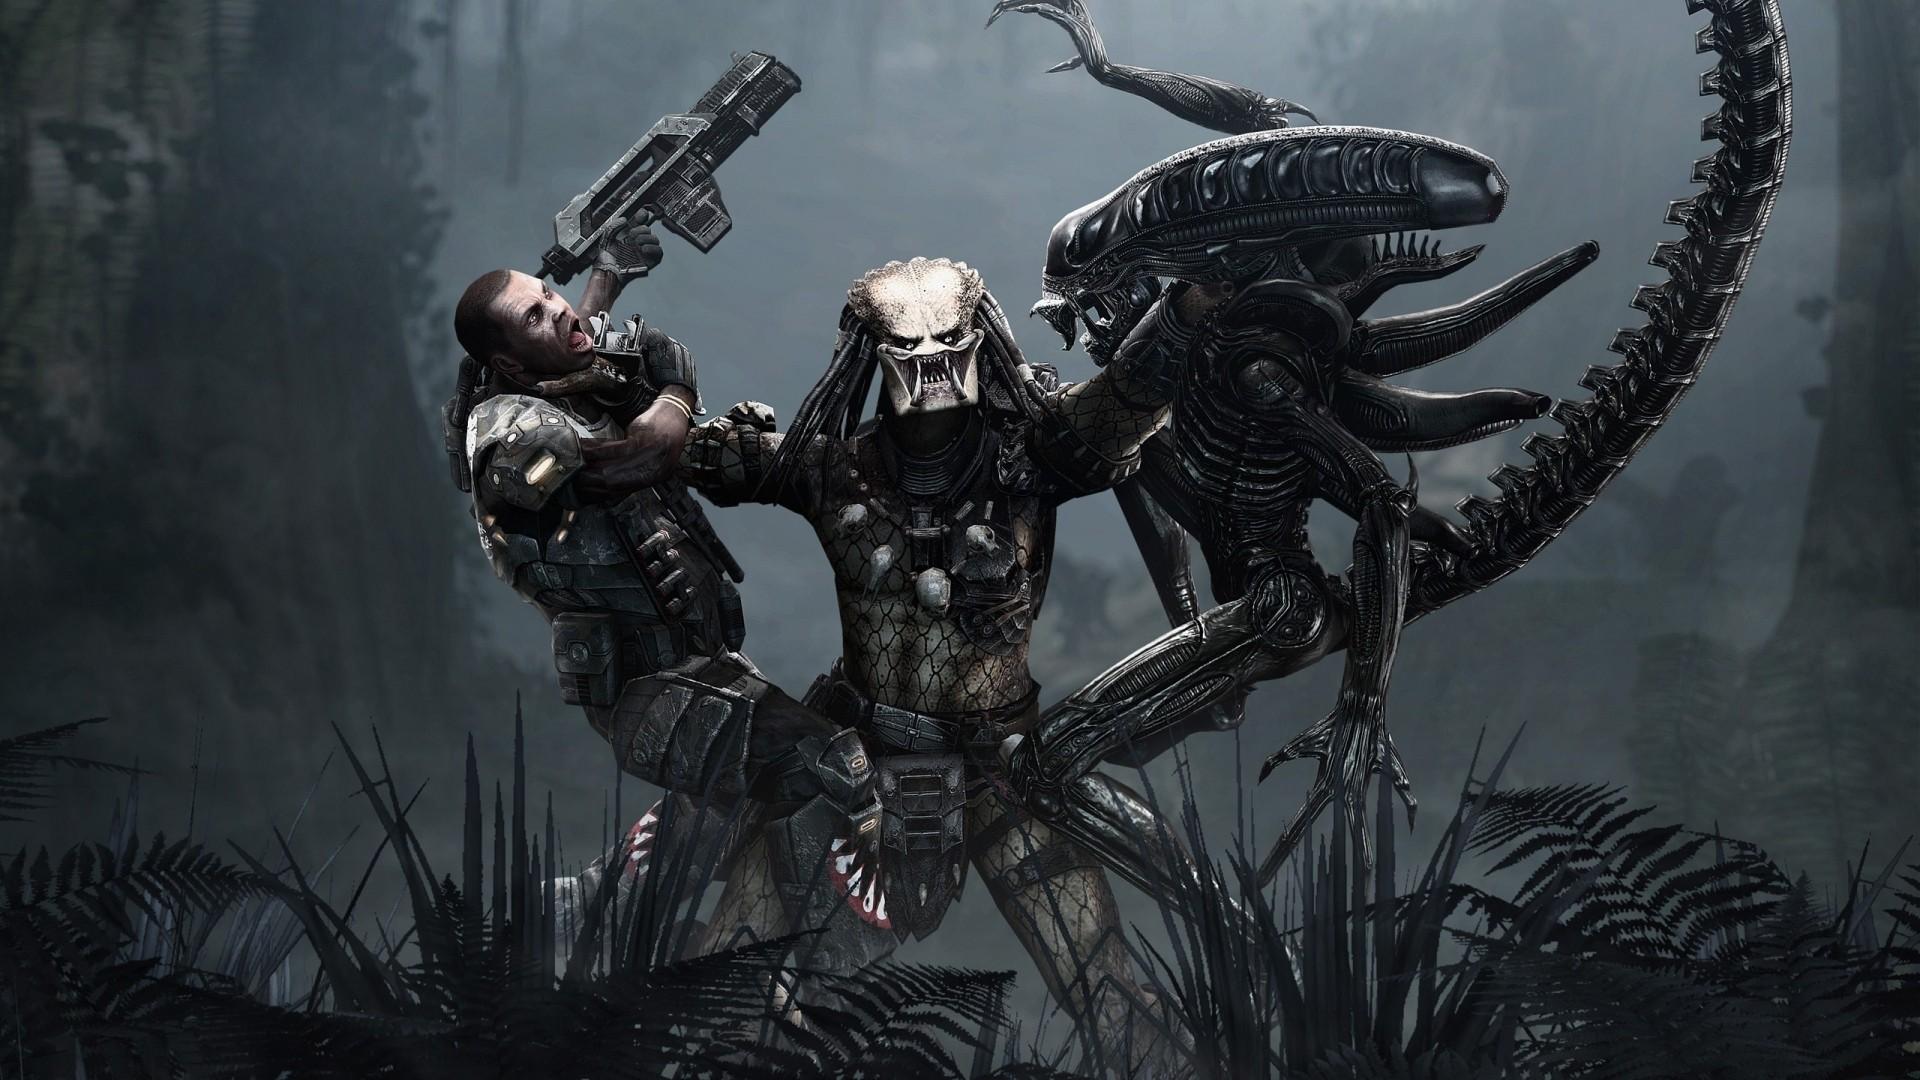 Hình nền : 1920x1080 px, Alien vs Predator, Người ngoài hành tinh, Phim  người nước ngoài, Tác phẩm nghệ thuật, Chiến đấu, Nghệ thuật tưởng tượng,  Súng, ...